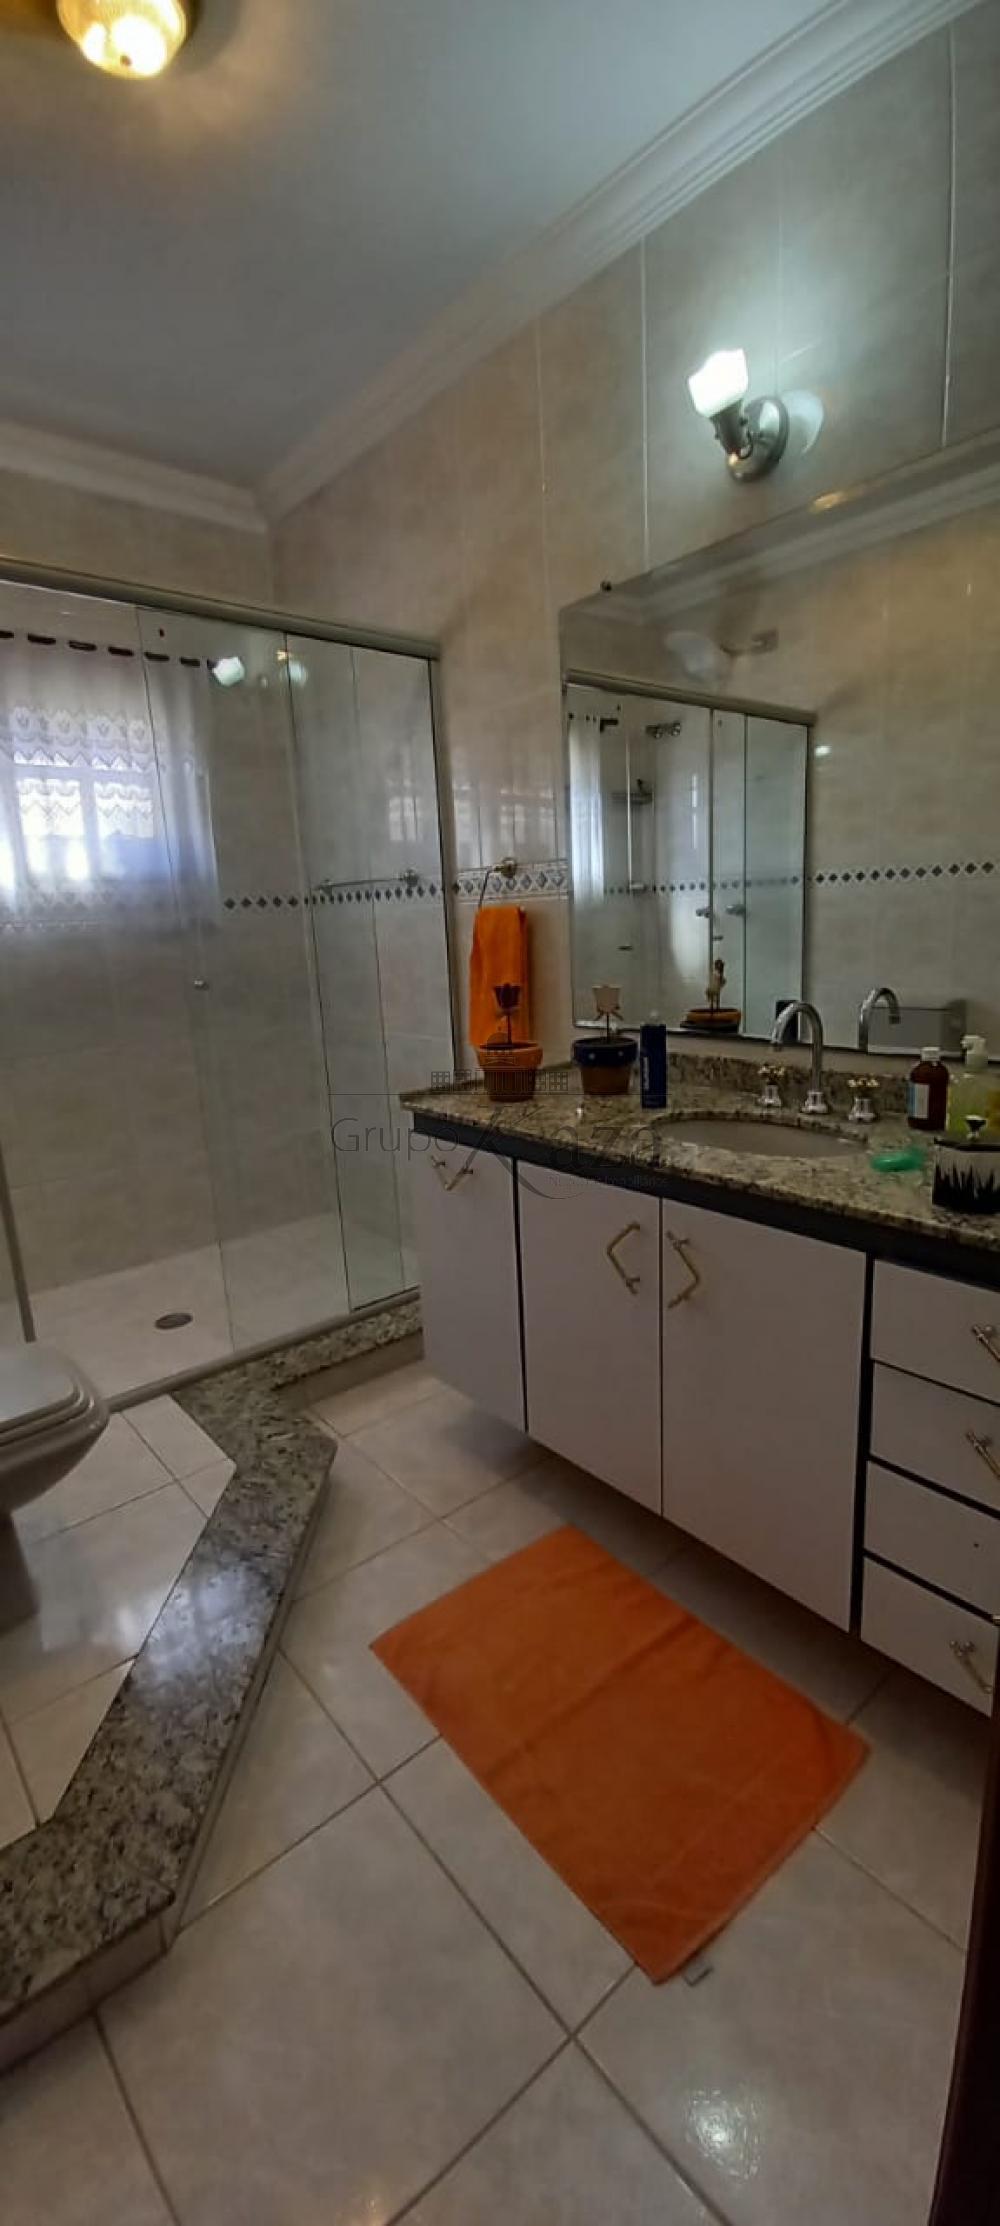 alt='Comprar Casa / Comercial / Residencial em São José dos Campos R$ 1.500.000,00 - Foto 25' title='Comprar Casa / Comercial / Residencial em São José dos Campos R$ 1.500.000,00 - Foto 25'